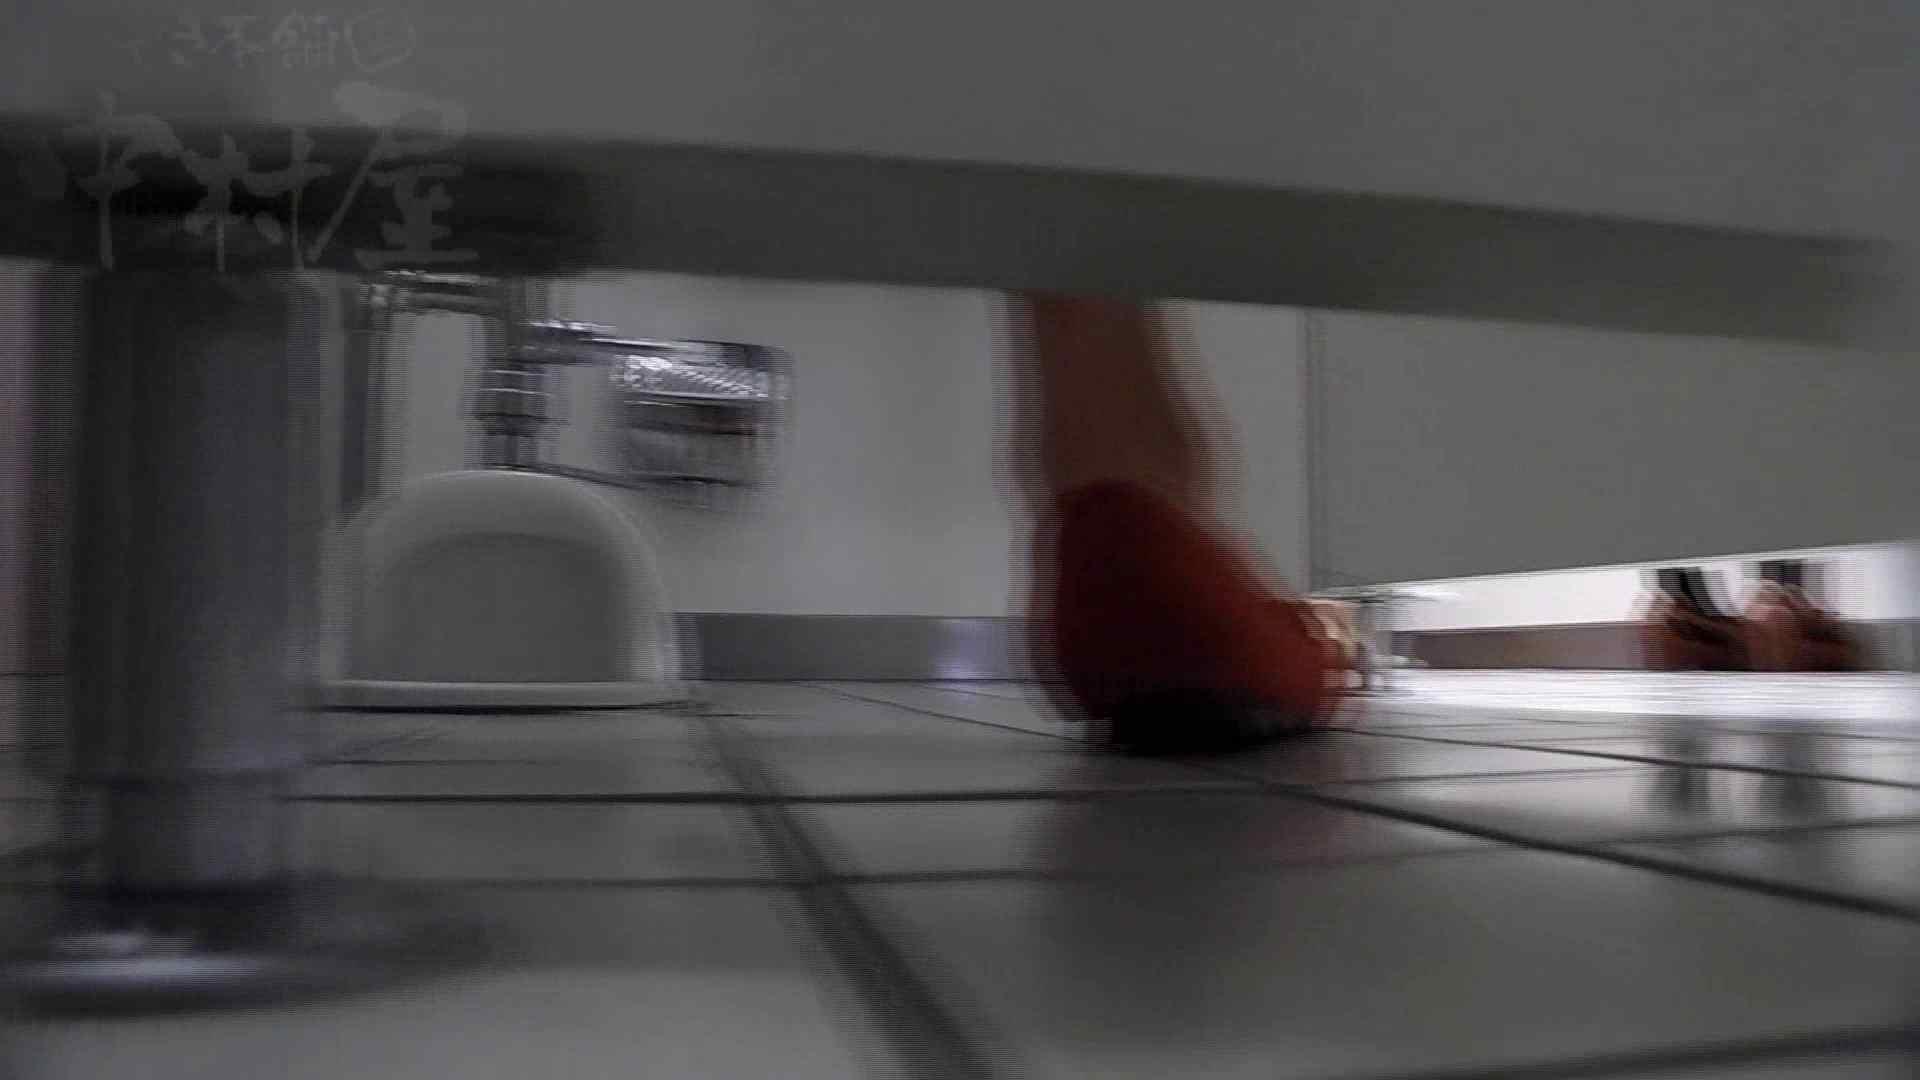 美しい日本の未来 No.25 「22」に登場した子がまさかの大で再登場!! 乙女のエロ動画 すけべAV動画紹介 102PIX 29